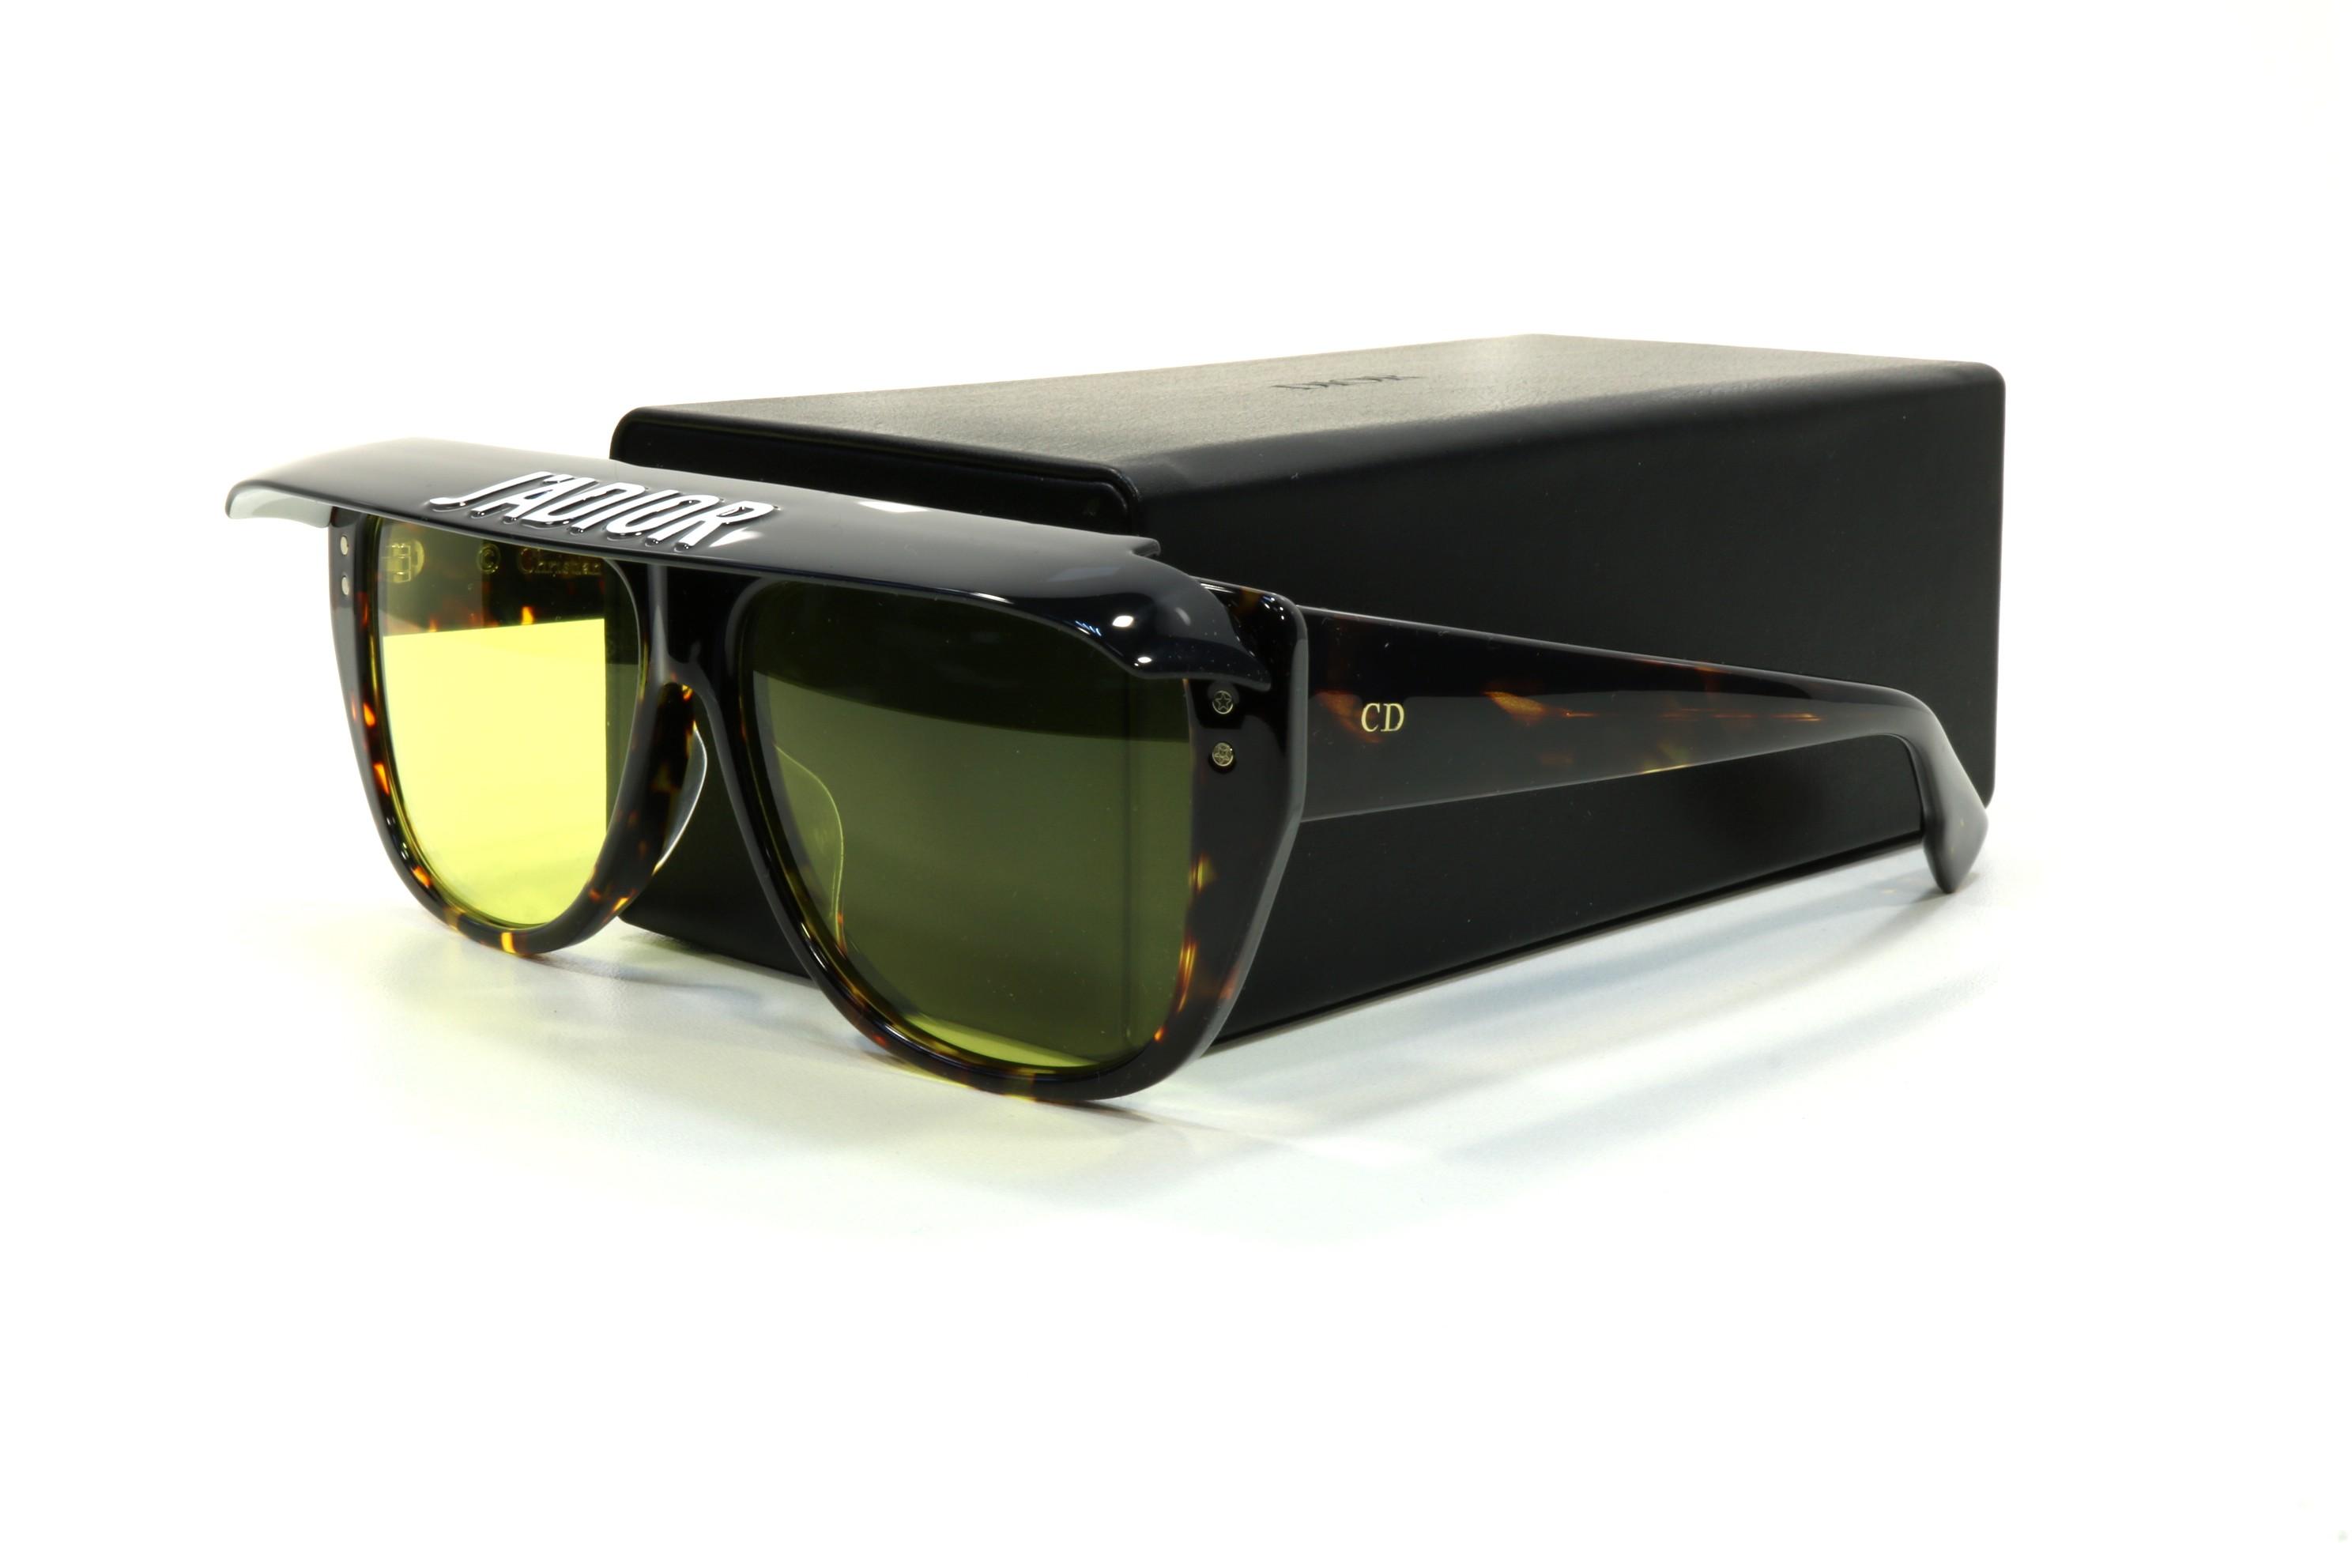 a5dc6a380b402 Солнцезащитные очки Dior CLUB2 086 HO 56 - купить по низкой цене в интернет- магазине Линзмастер.